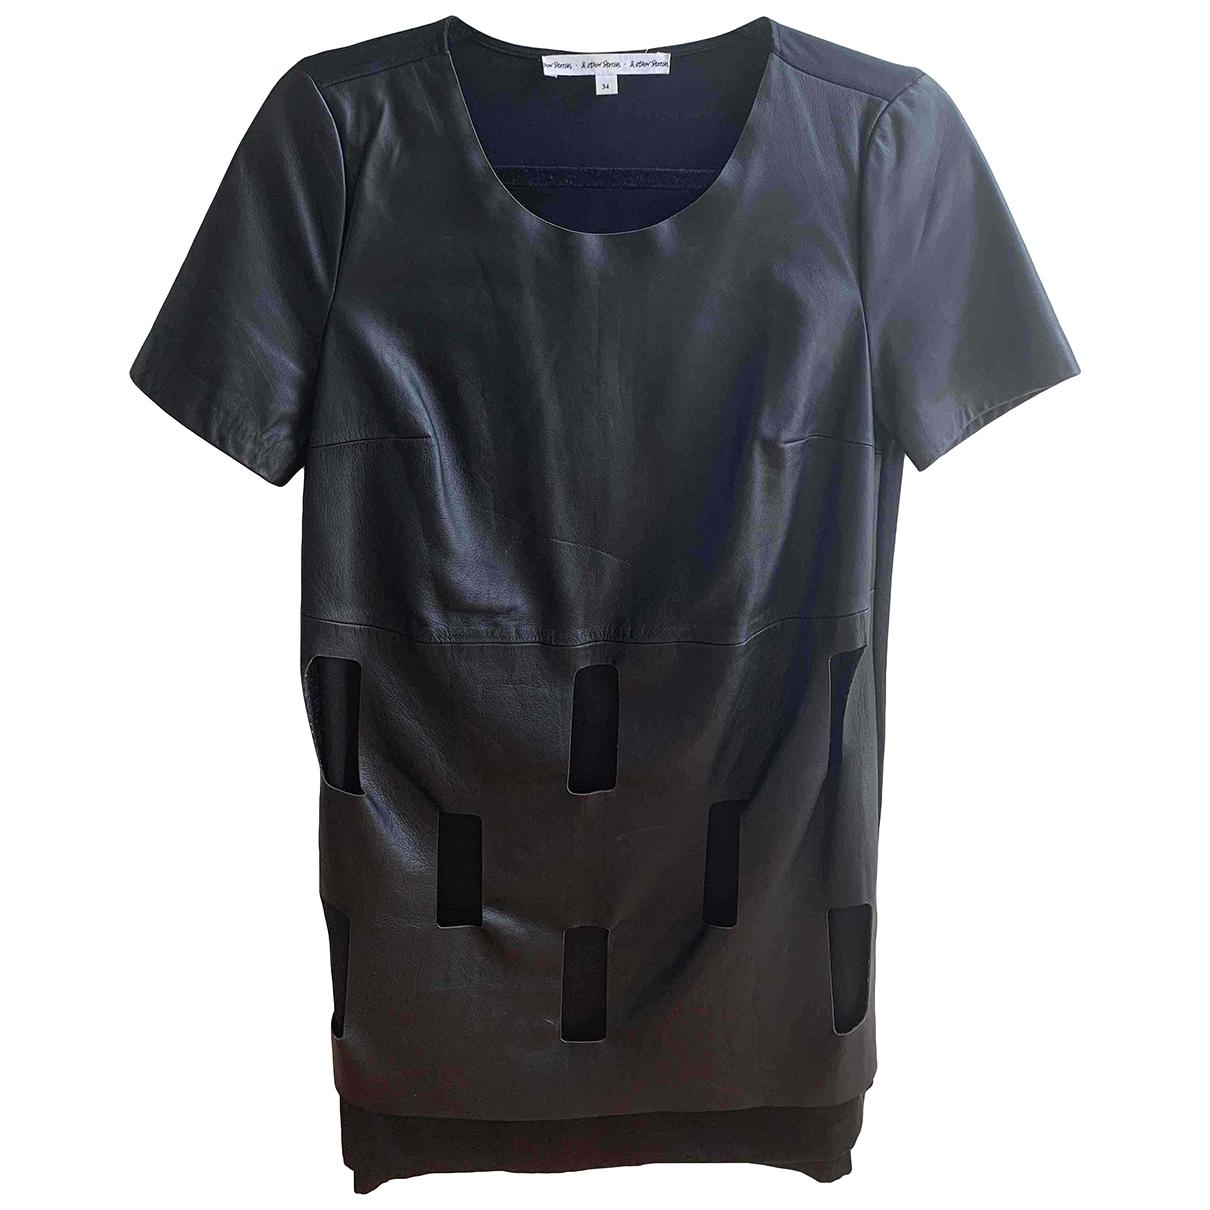 & Other Stories - Robe   pour femme en cuir - noir